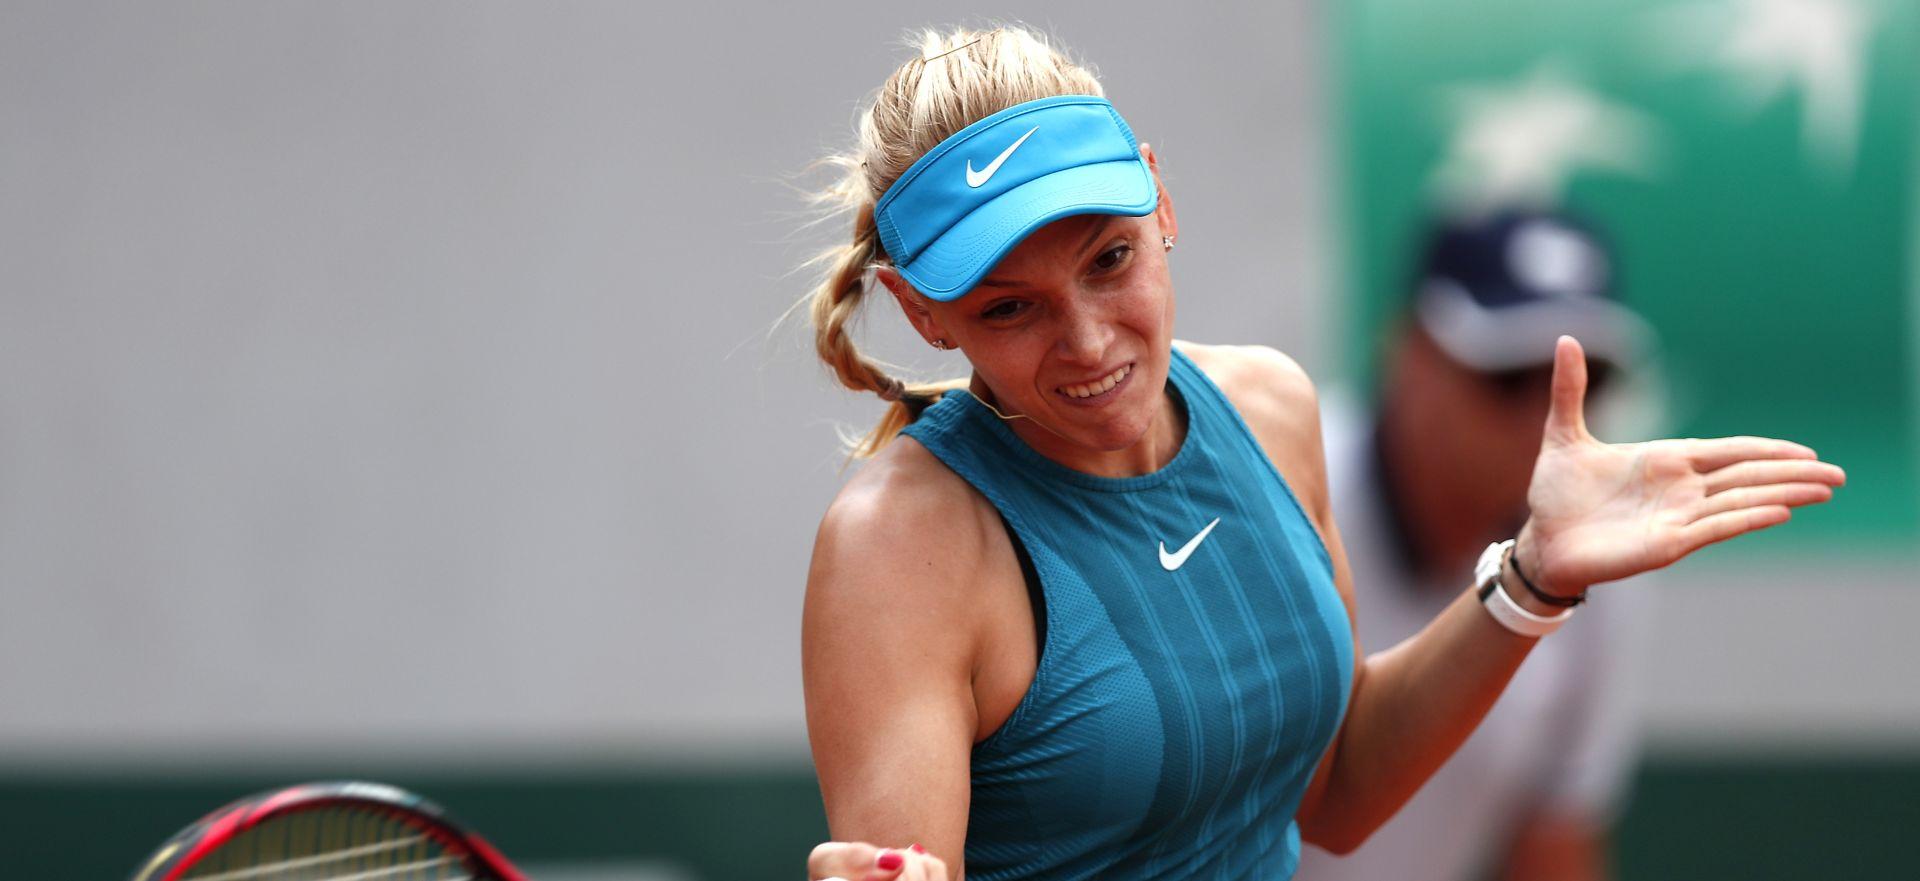 WTA LJESTVICA Donna Vekić najbolje rangirana Hrvatica